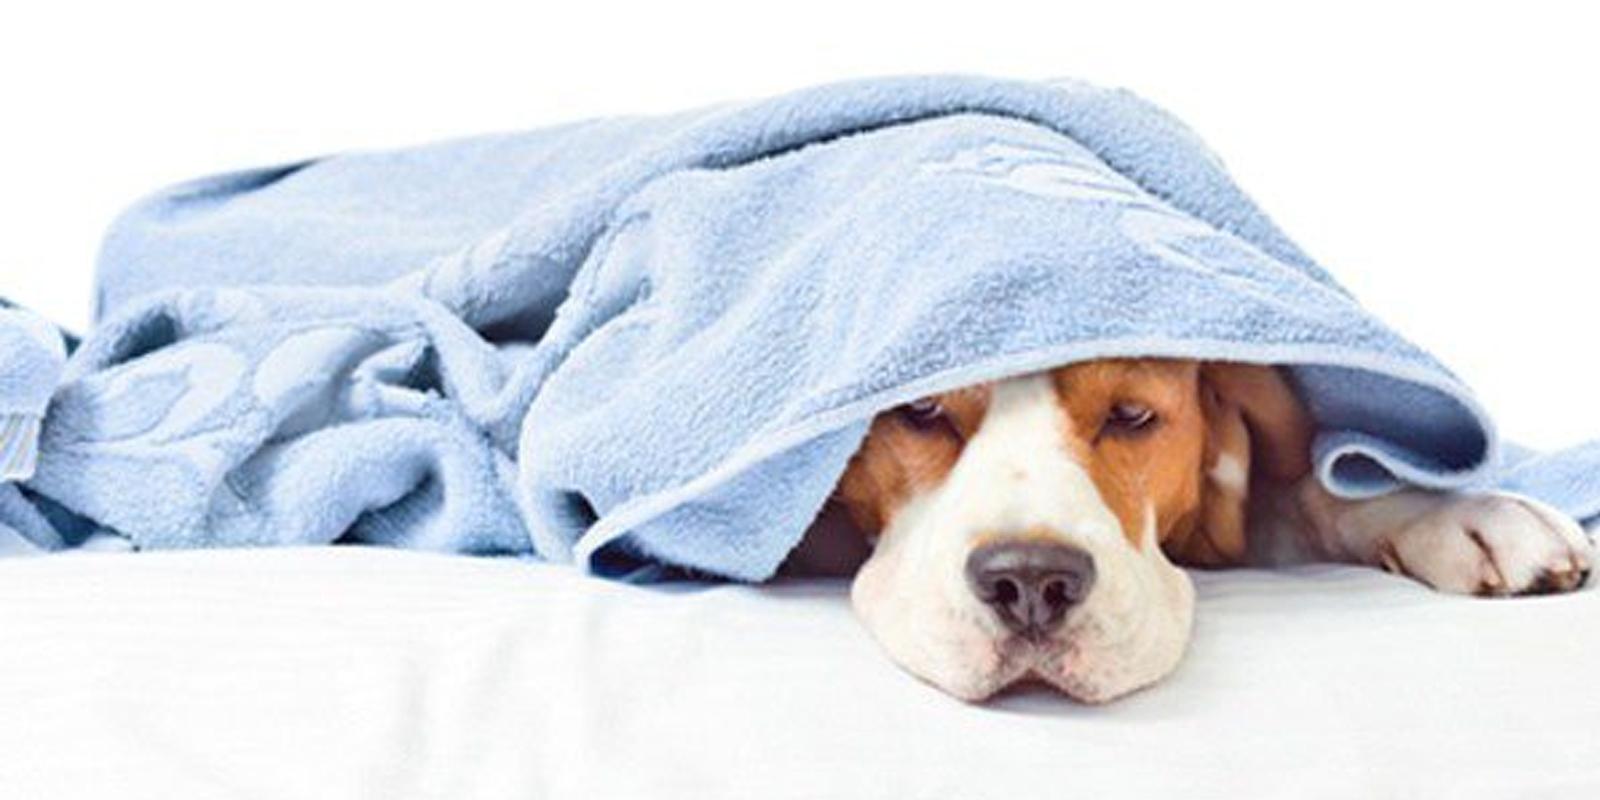 La Gripe En Los Perros: Síntomas Y Qué Les Puedes Dar